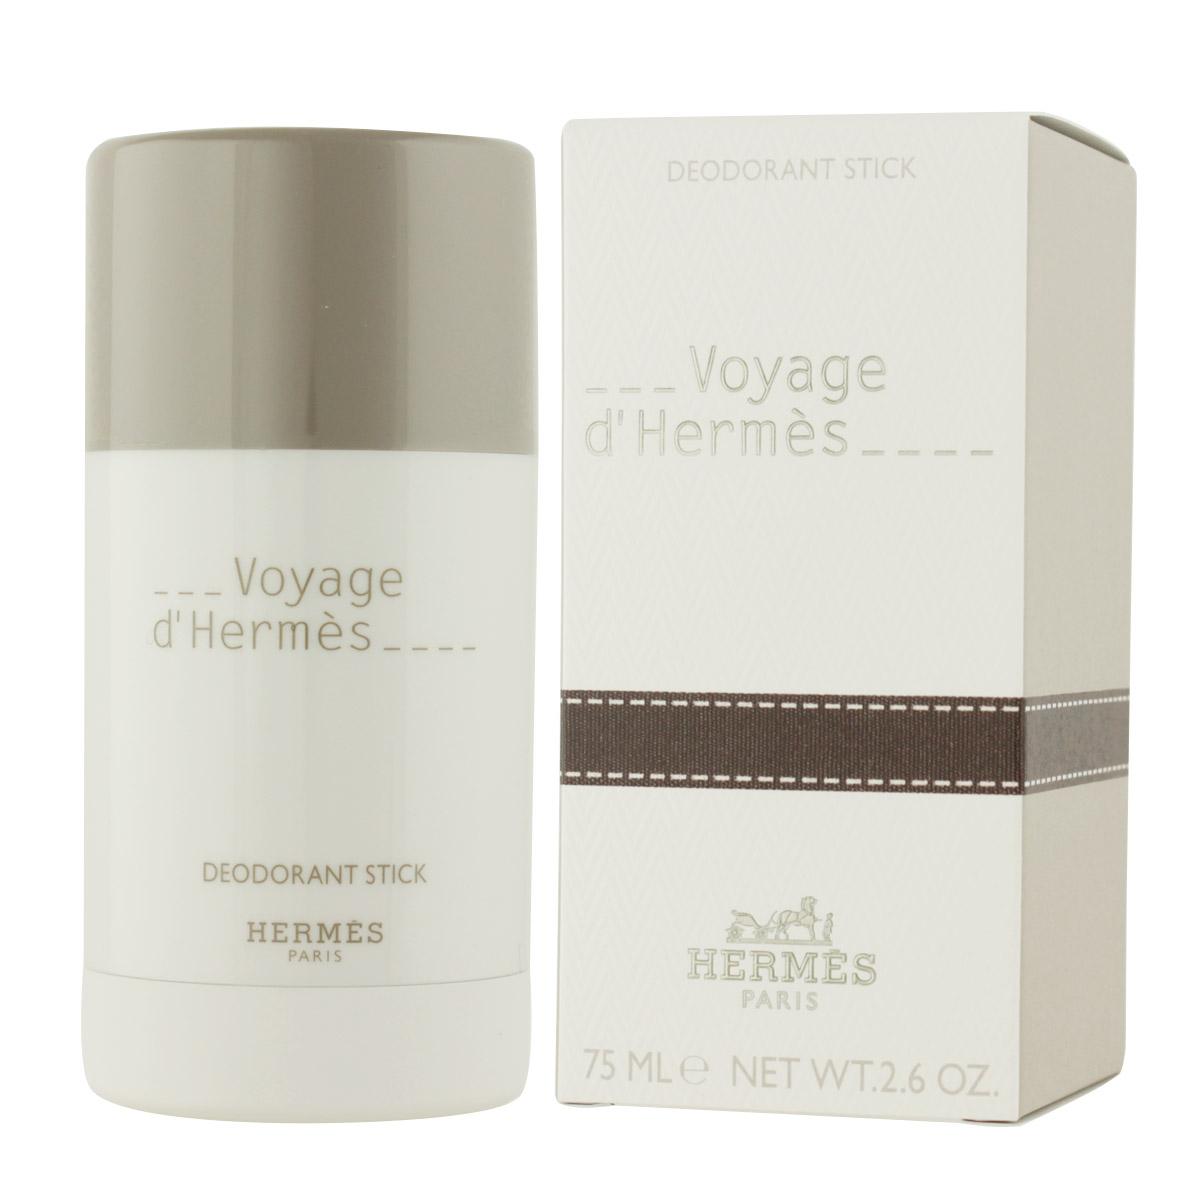 Hermès Voyage D'Hermès DST 75 ml UNISEX